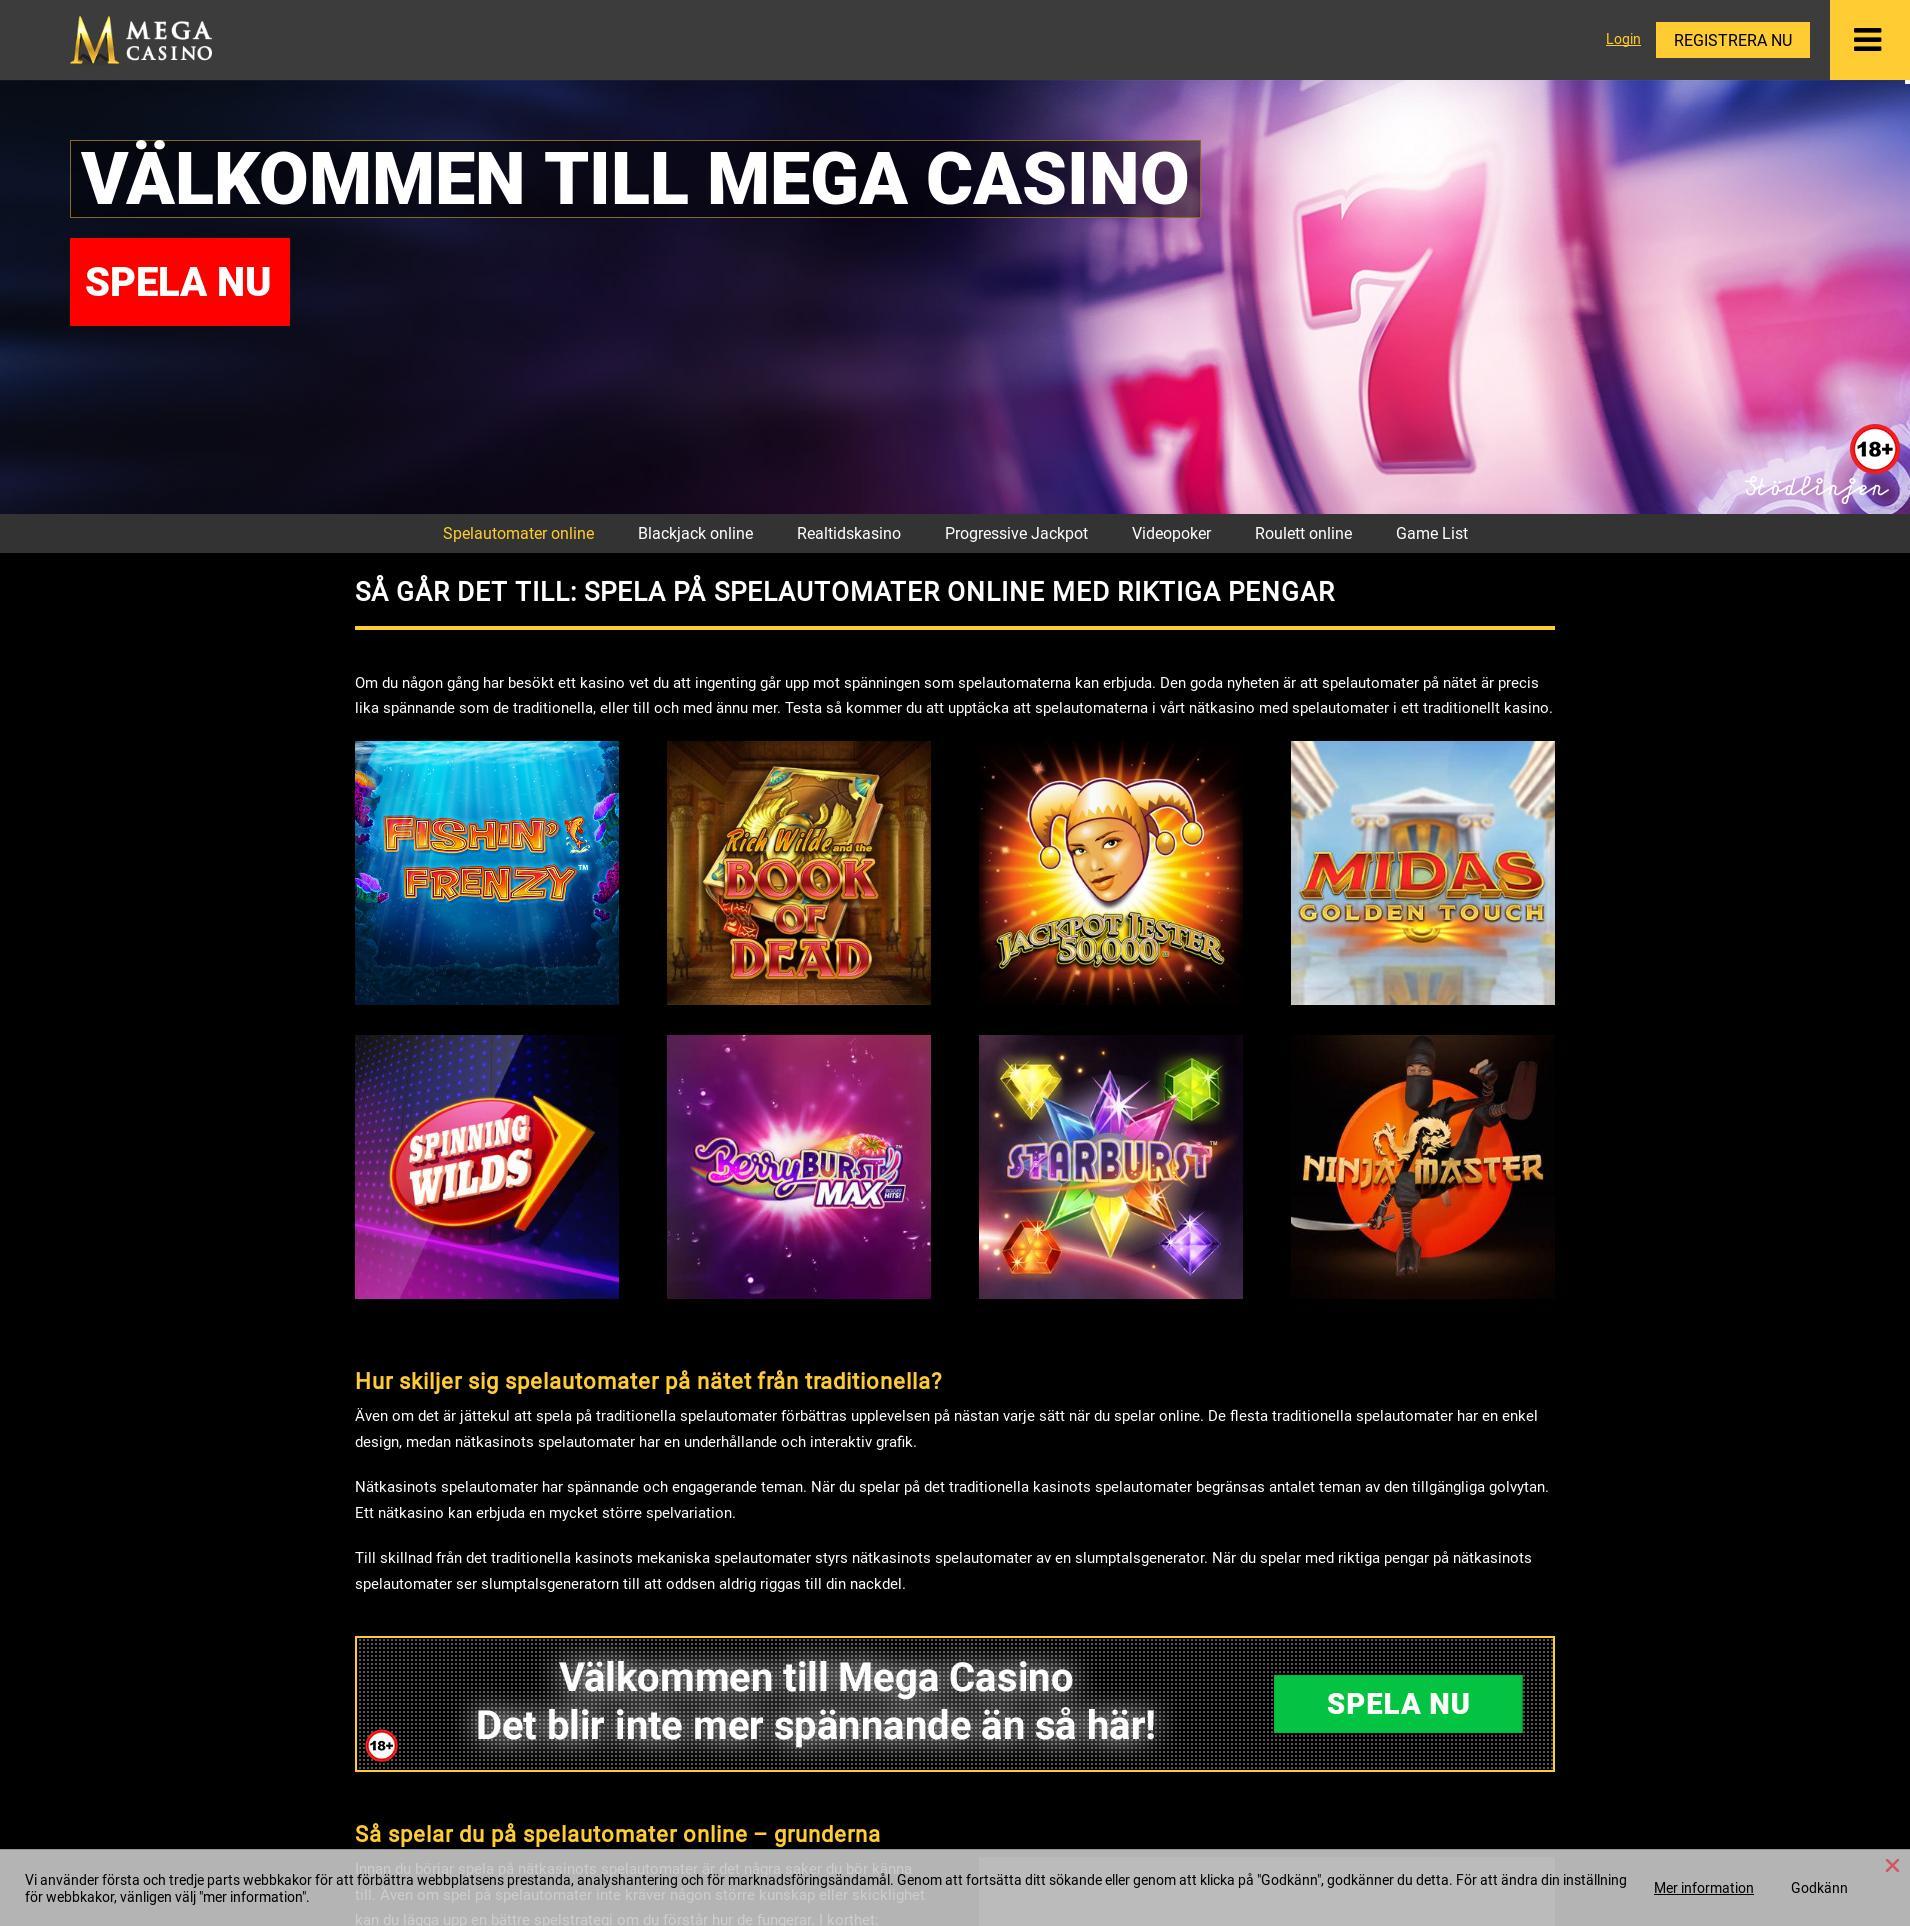 Casino screen Lobby 2019-08-23 for Sweden